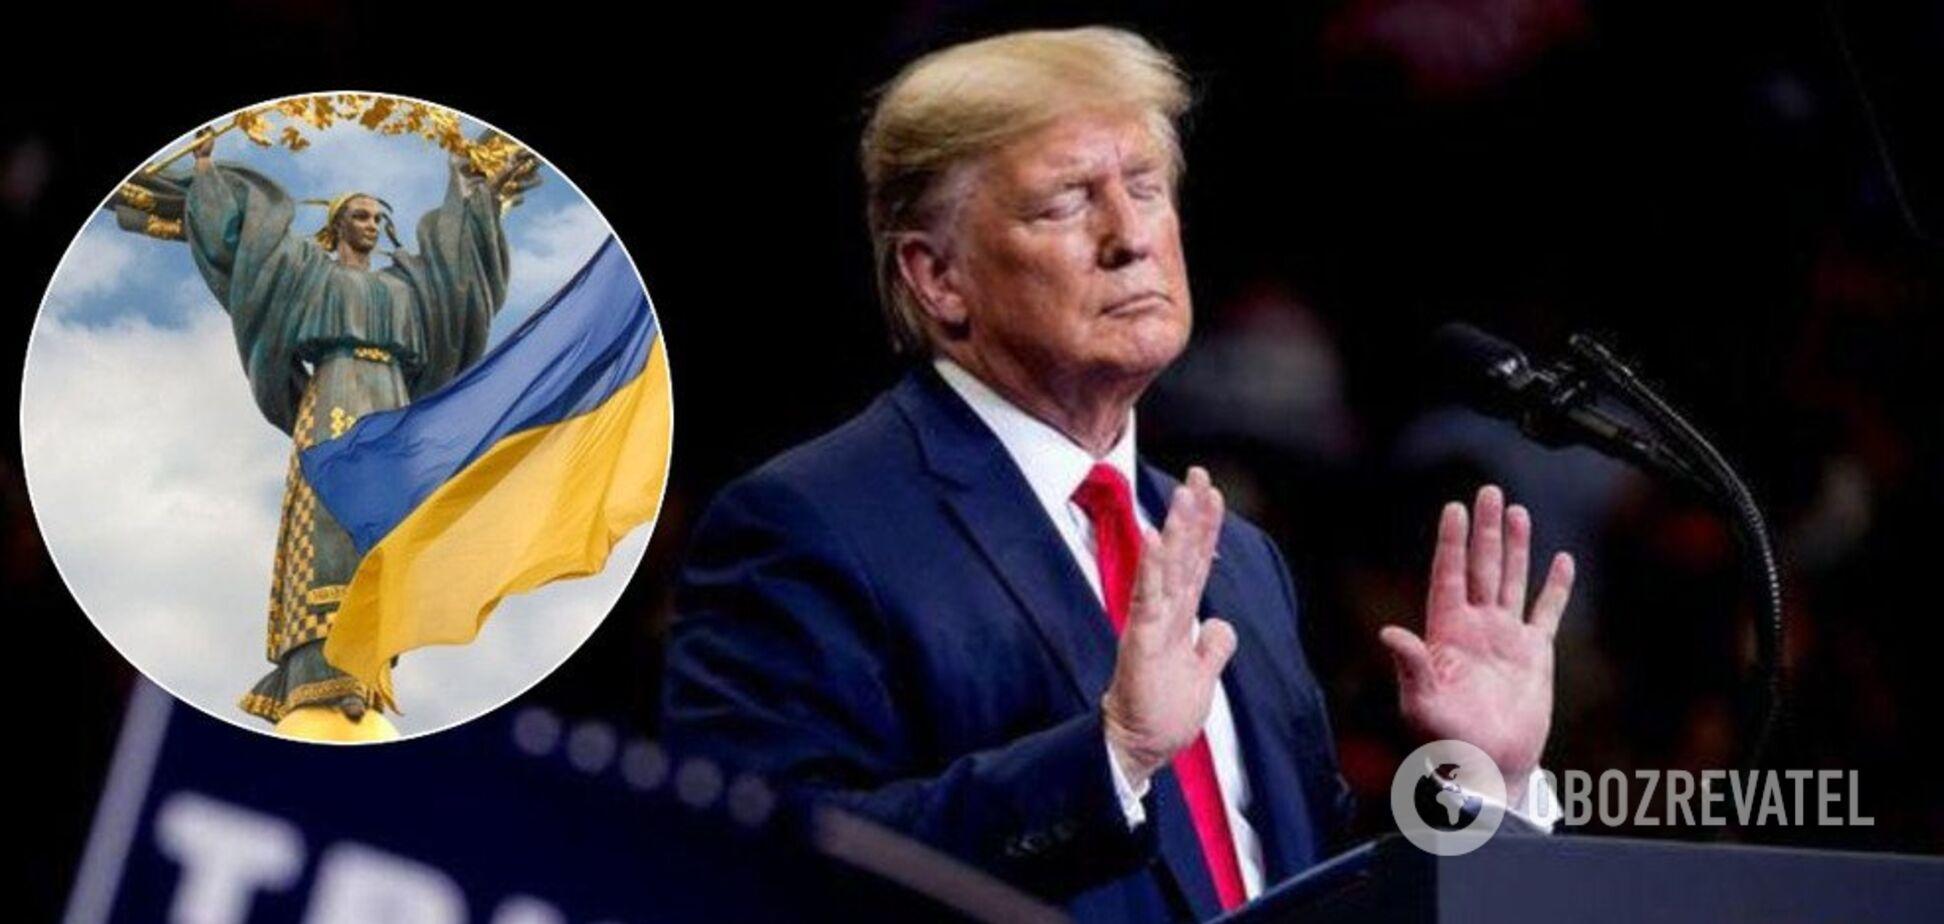 Спливла проблема адвокатів Трампа через мемуарів Болтона і України